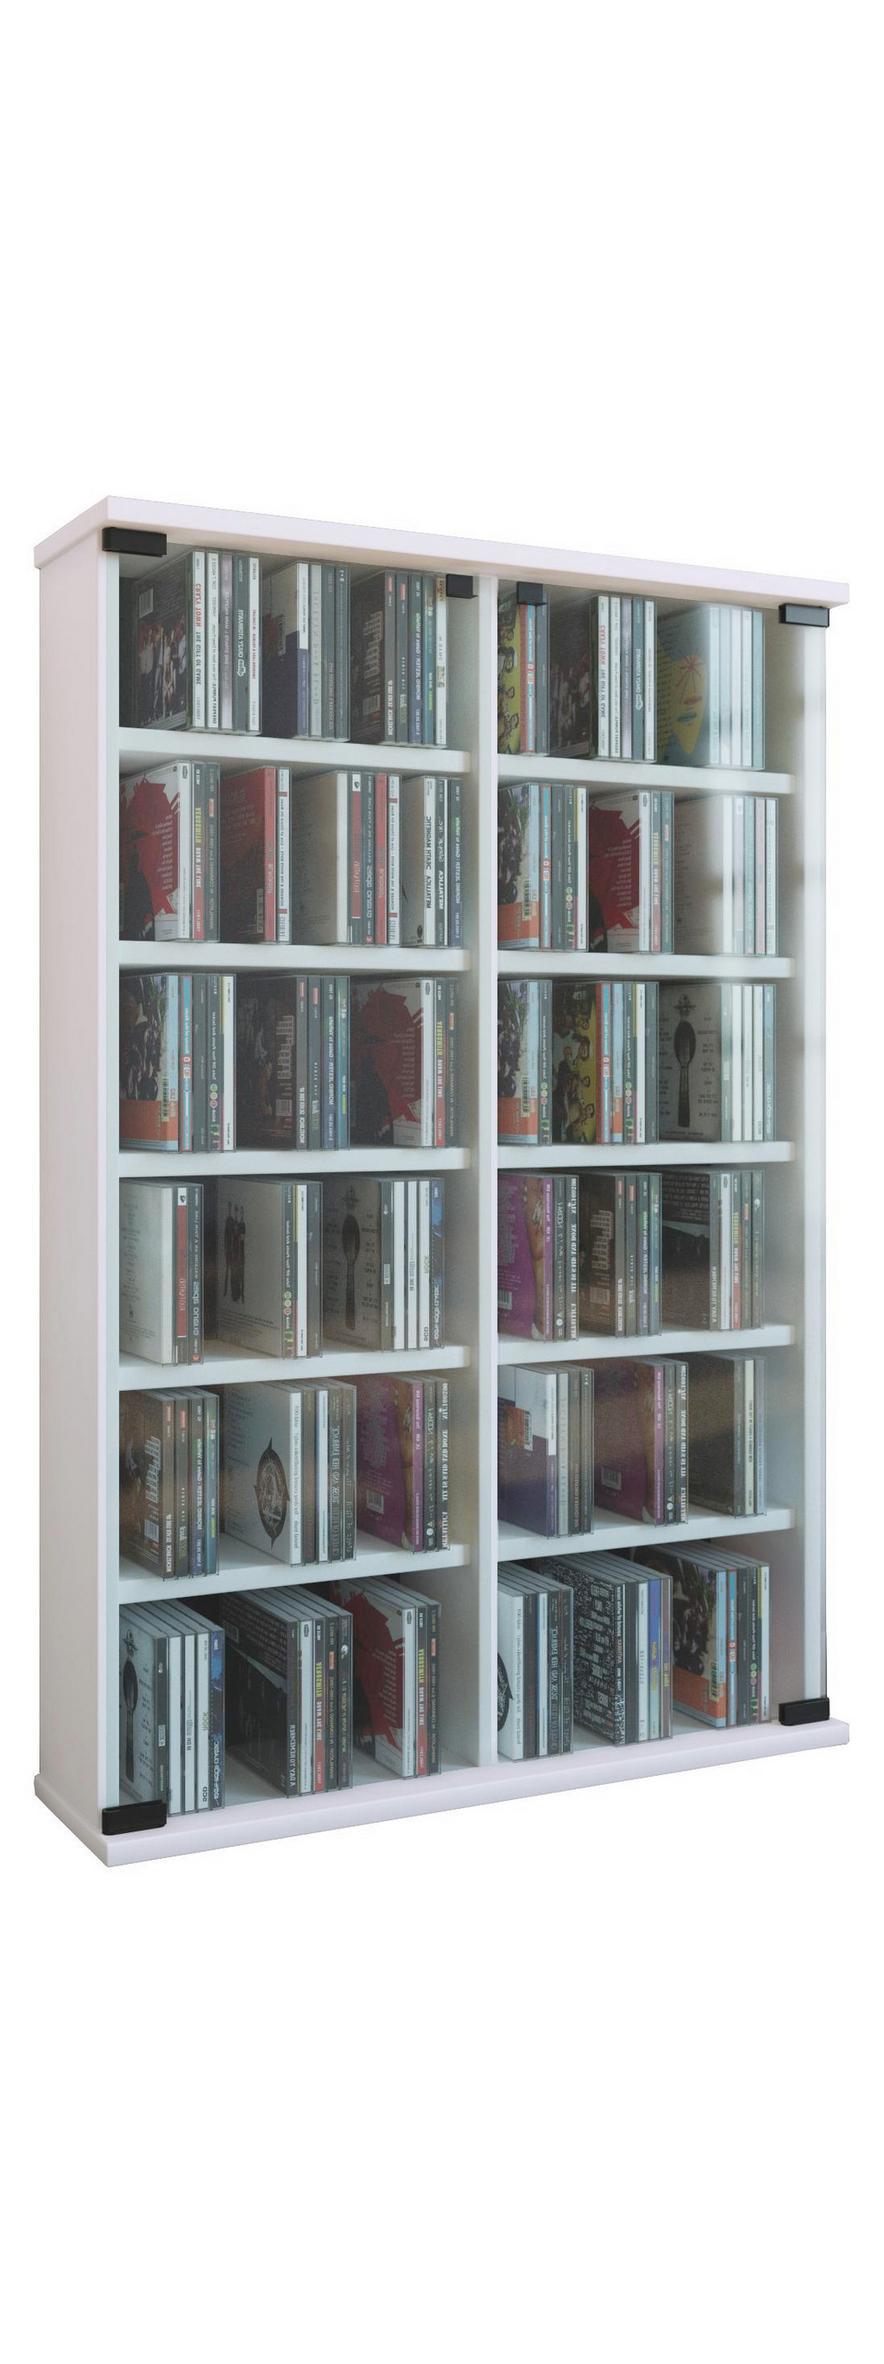 Full Size of Cd Regal In Wei Online Bestellen Kleiderschrank Schäfer Regale Schreibtisch Modular Holz Kisten Schräge Für Dachschrägen Buche Regal Cd Regal